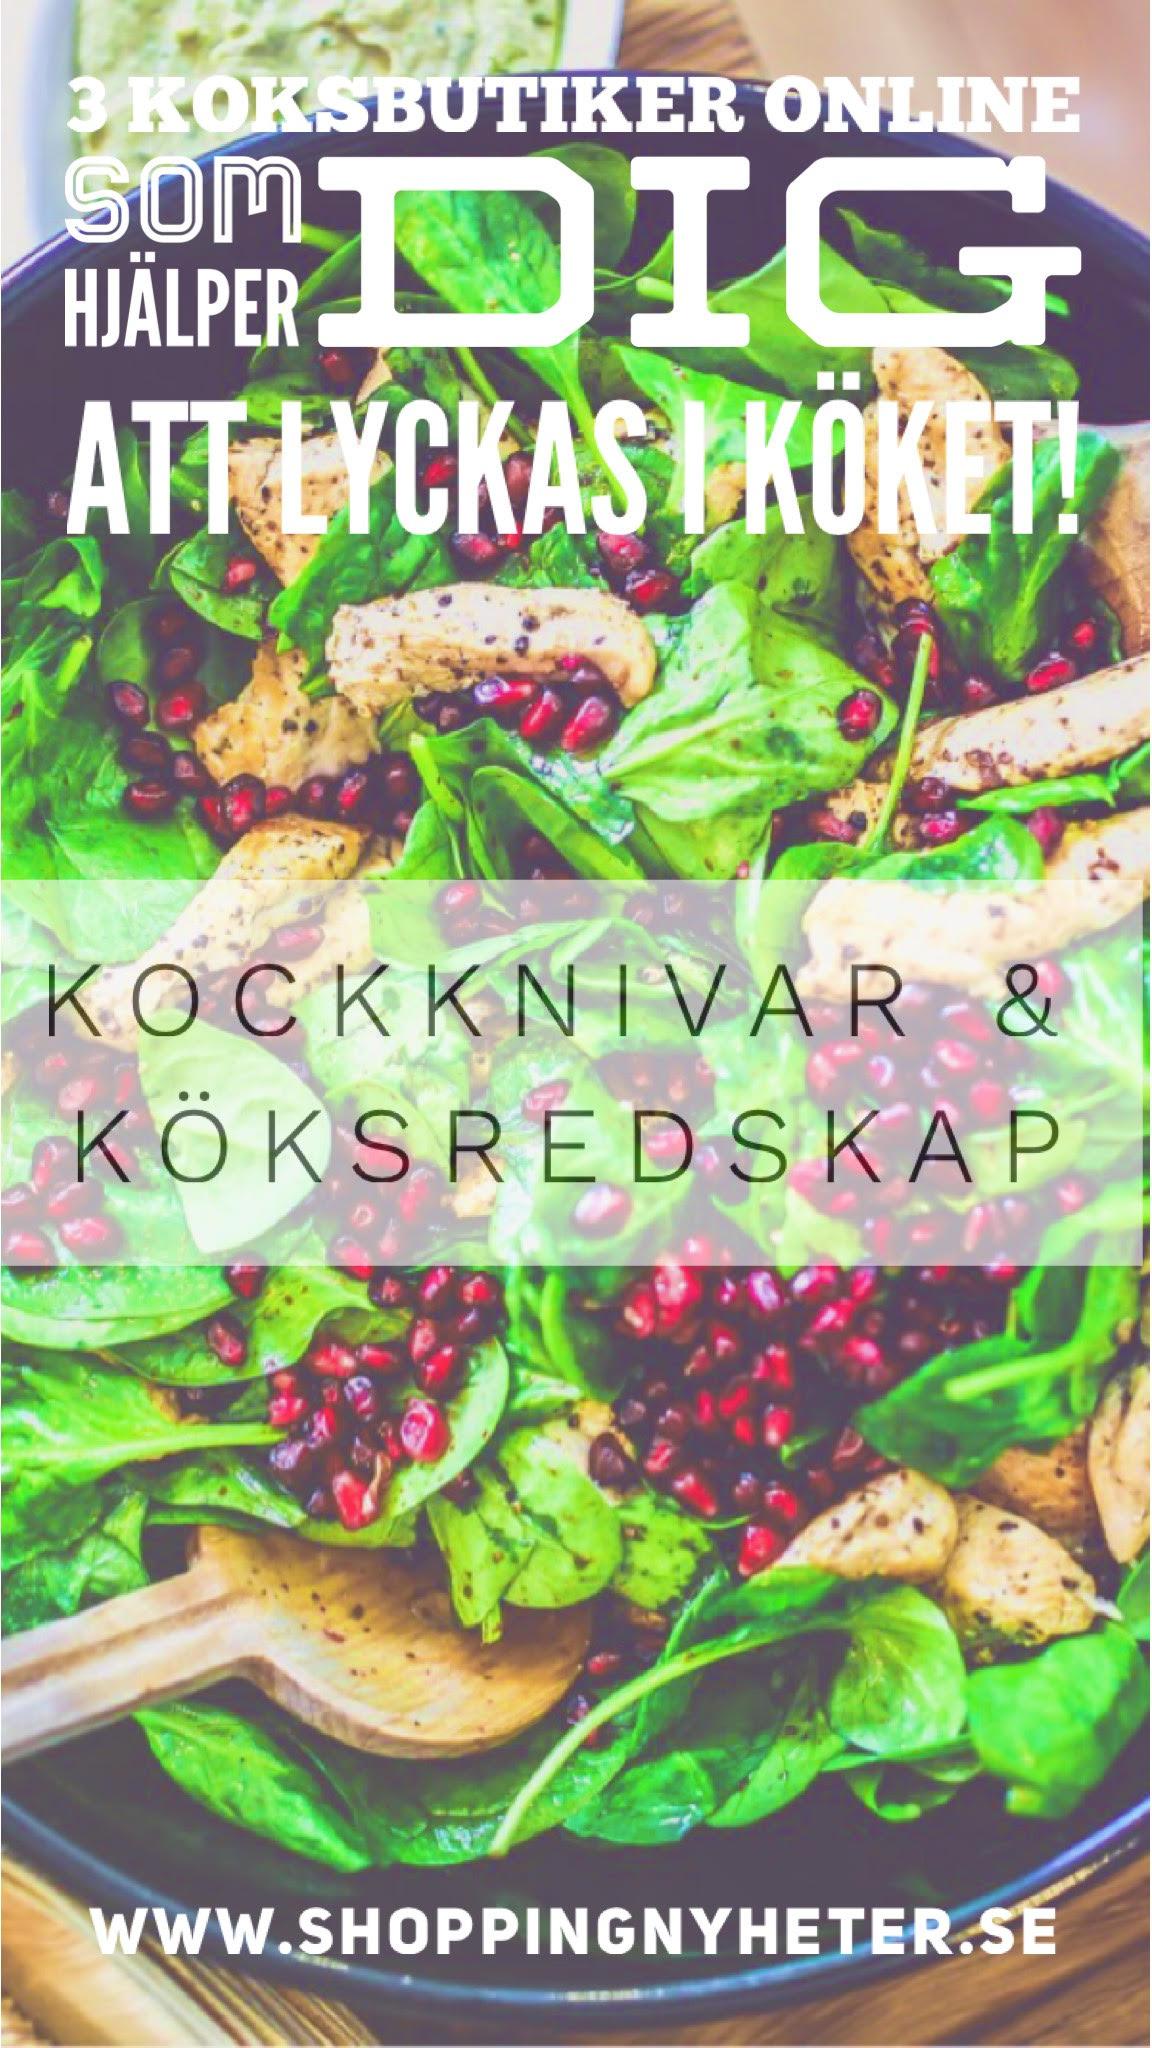 Här hittar du 3 köksbutiker online som kan hjälpa dig att lyckas i köket! Kockknivar och Köksredskap Online på nätet!